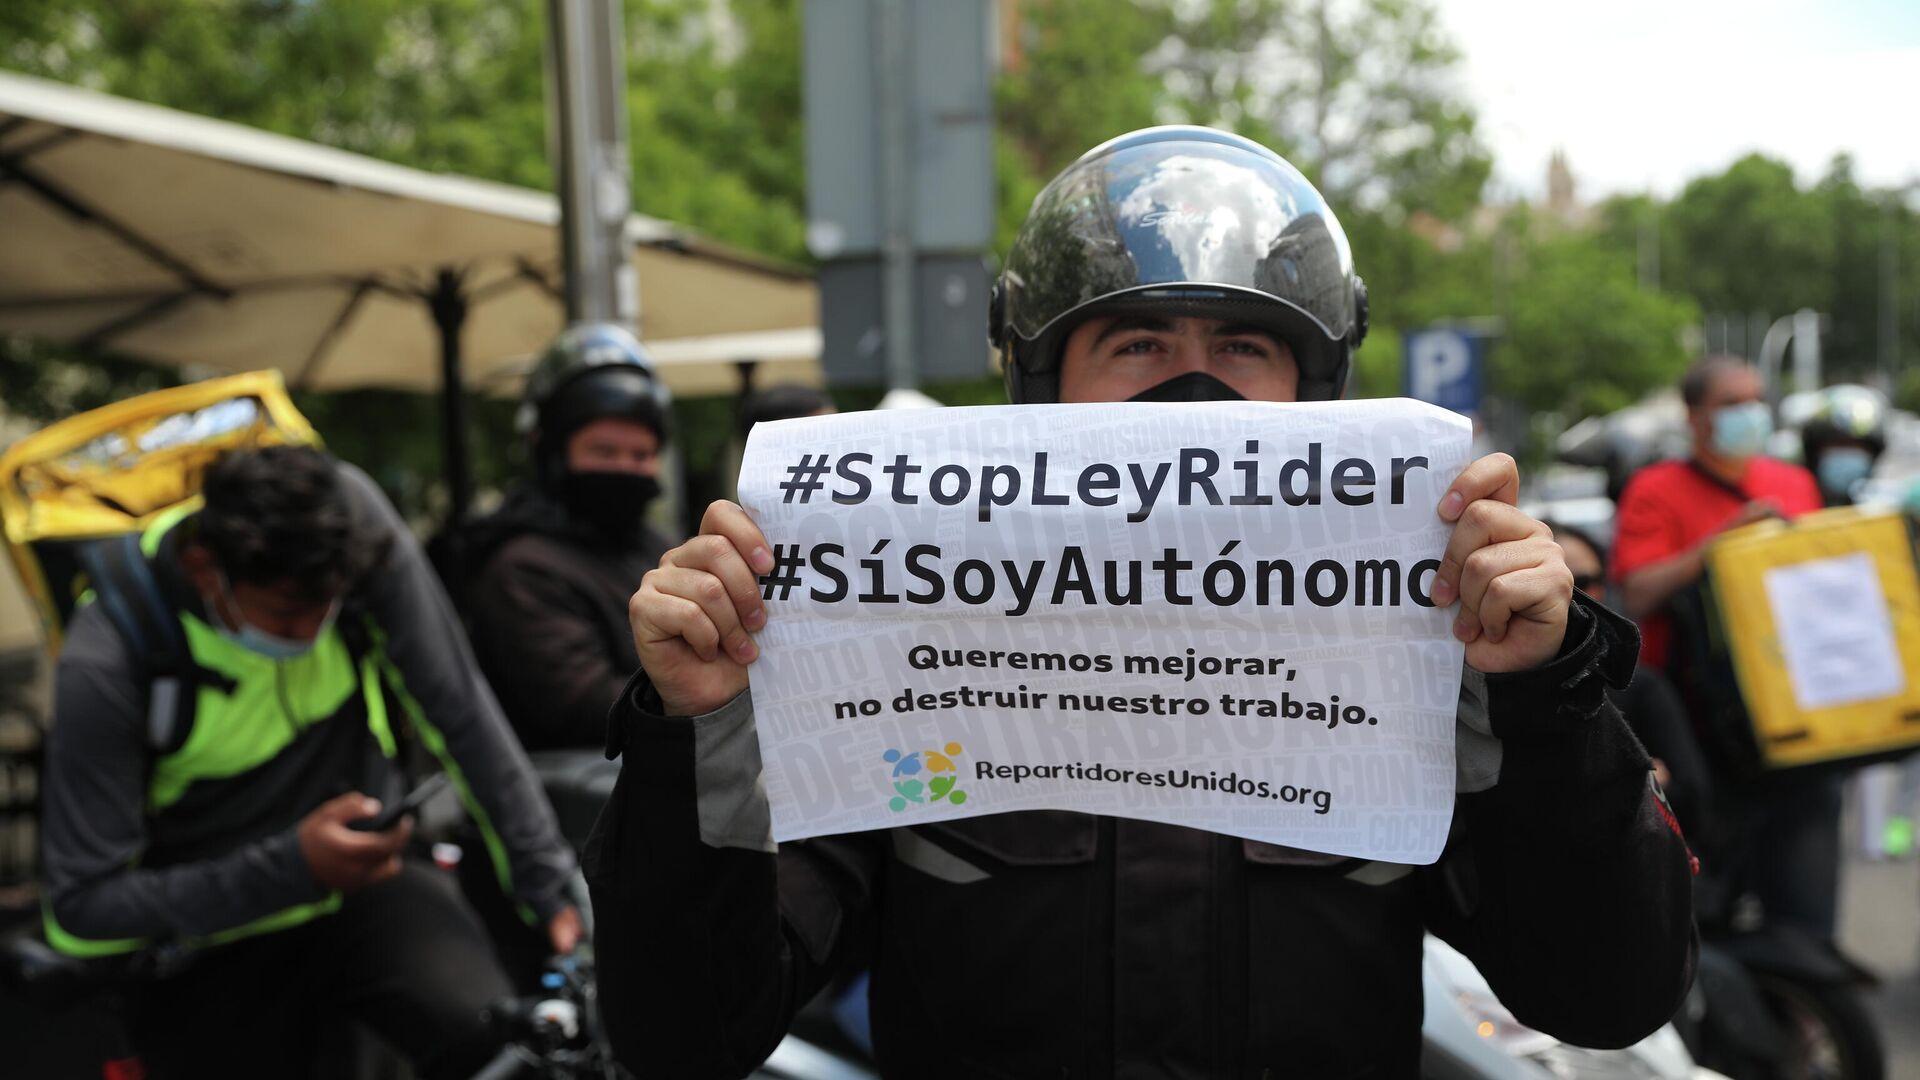 Manifestación de repartidores en Madrid el día que el Gobierno aprueba la 'Ley Rider' - Sputnik Mundo, 1920, 11.05.2021